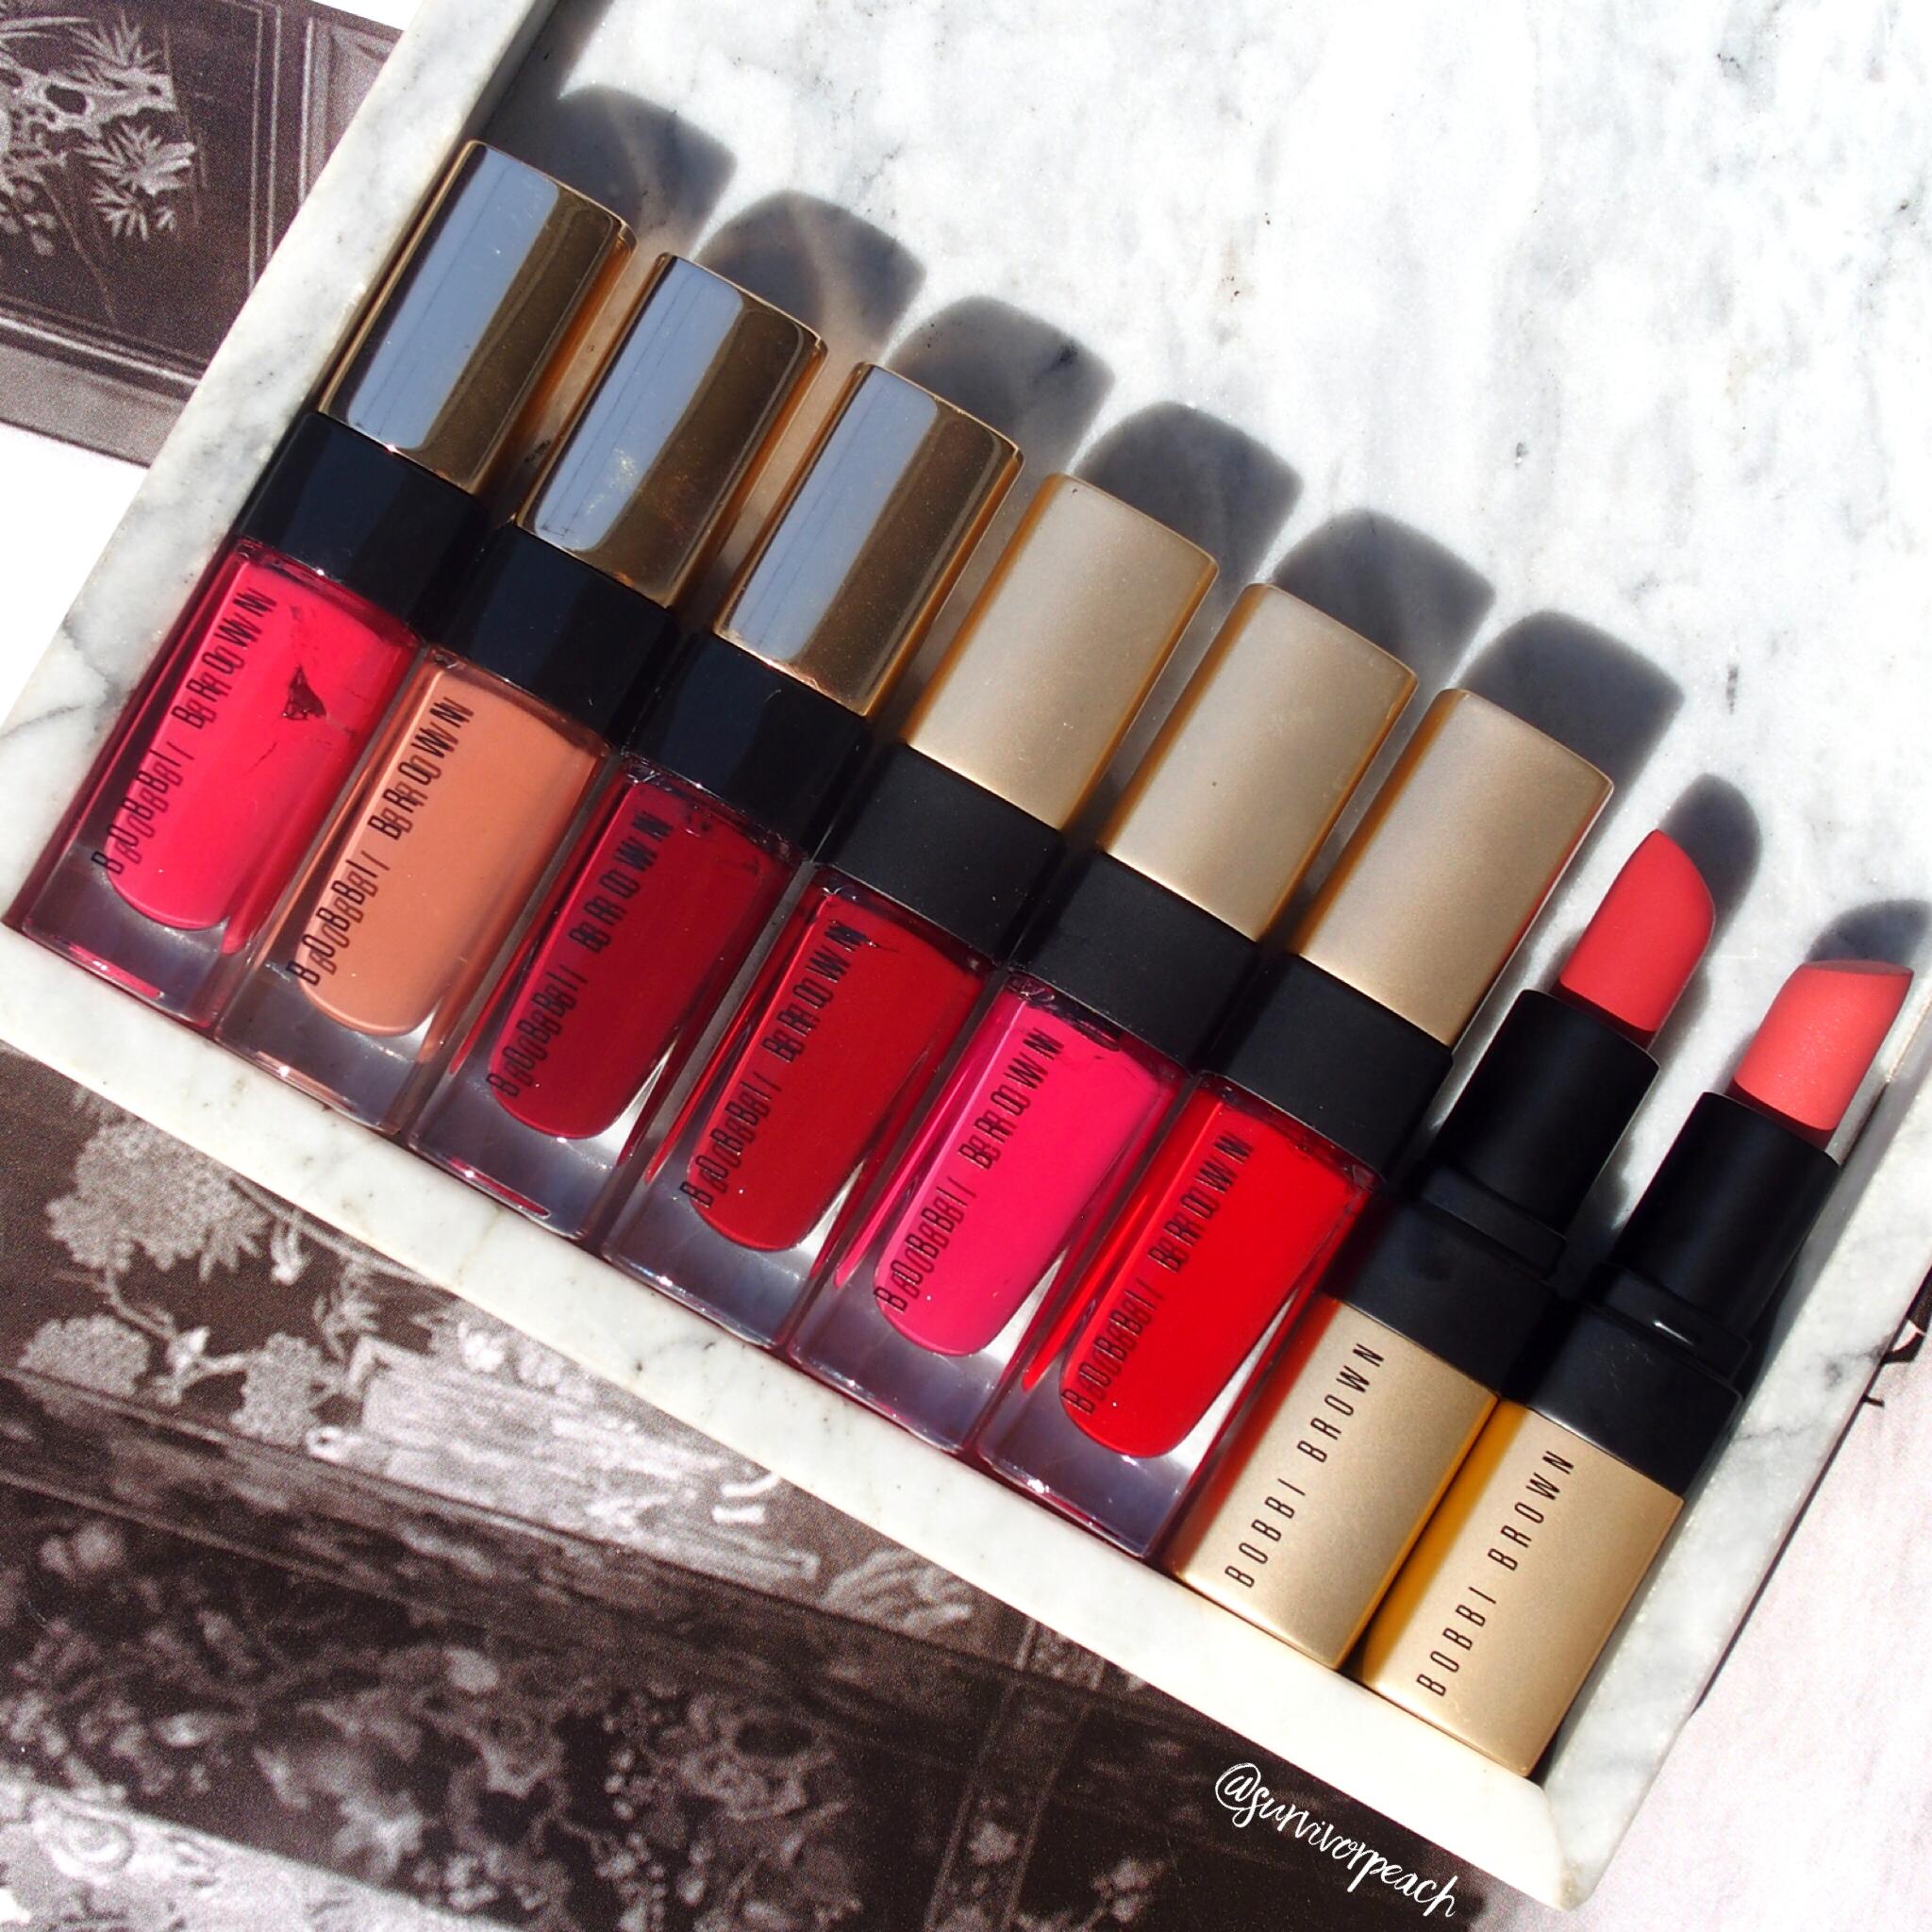 Bobbi Brown Liquid Matte, Liquid High Shine, and the Luxe Matte Lip Color